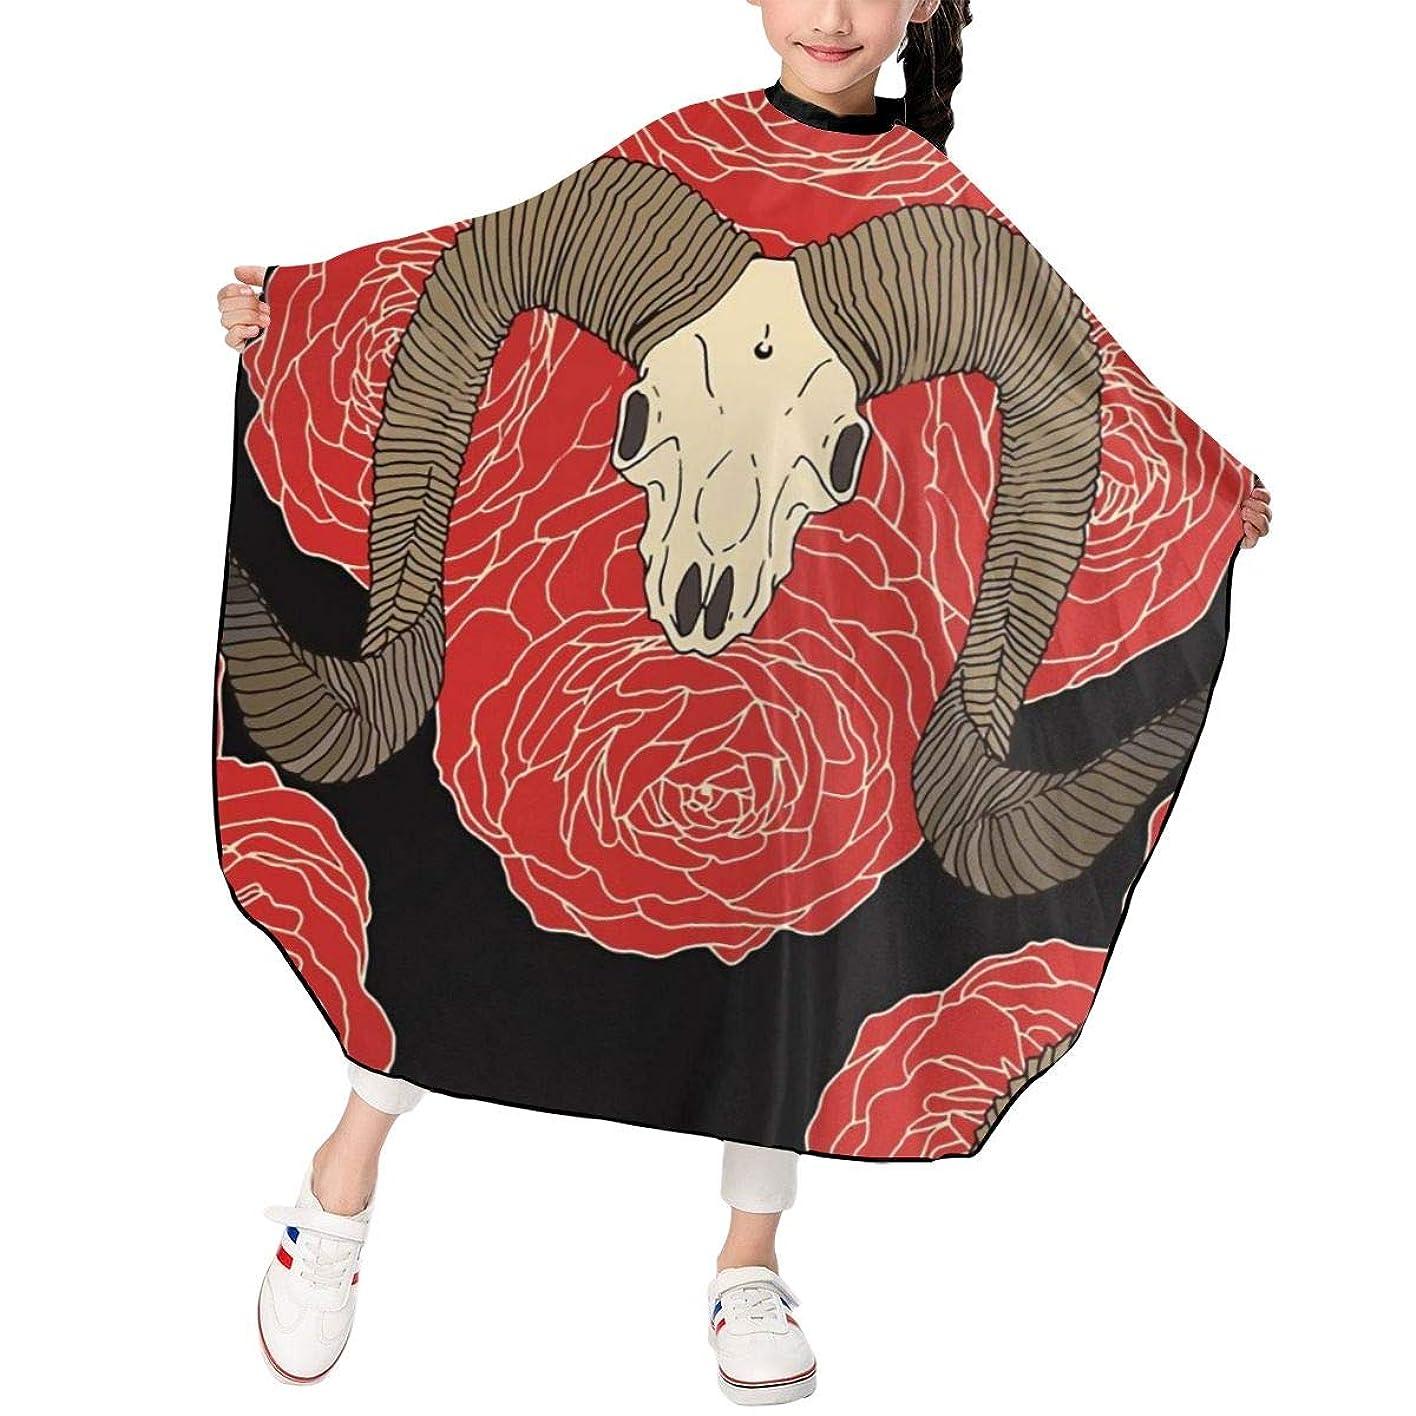 ギャラントリー独創的従事するヤギの頭の骨は赤いバラ 子供エプロン ヘアーエプロン 散髪 ケープ 美容エプロン 静電気防止 ヘアカット ファミリー理髪 防水 自宅カット 120*100cm